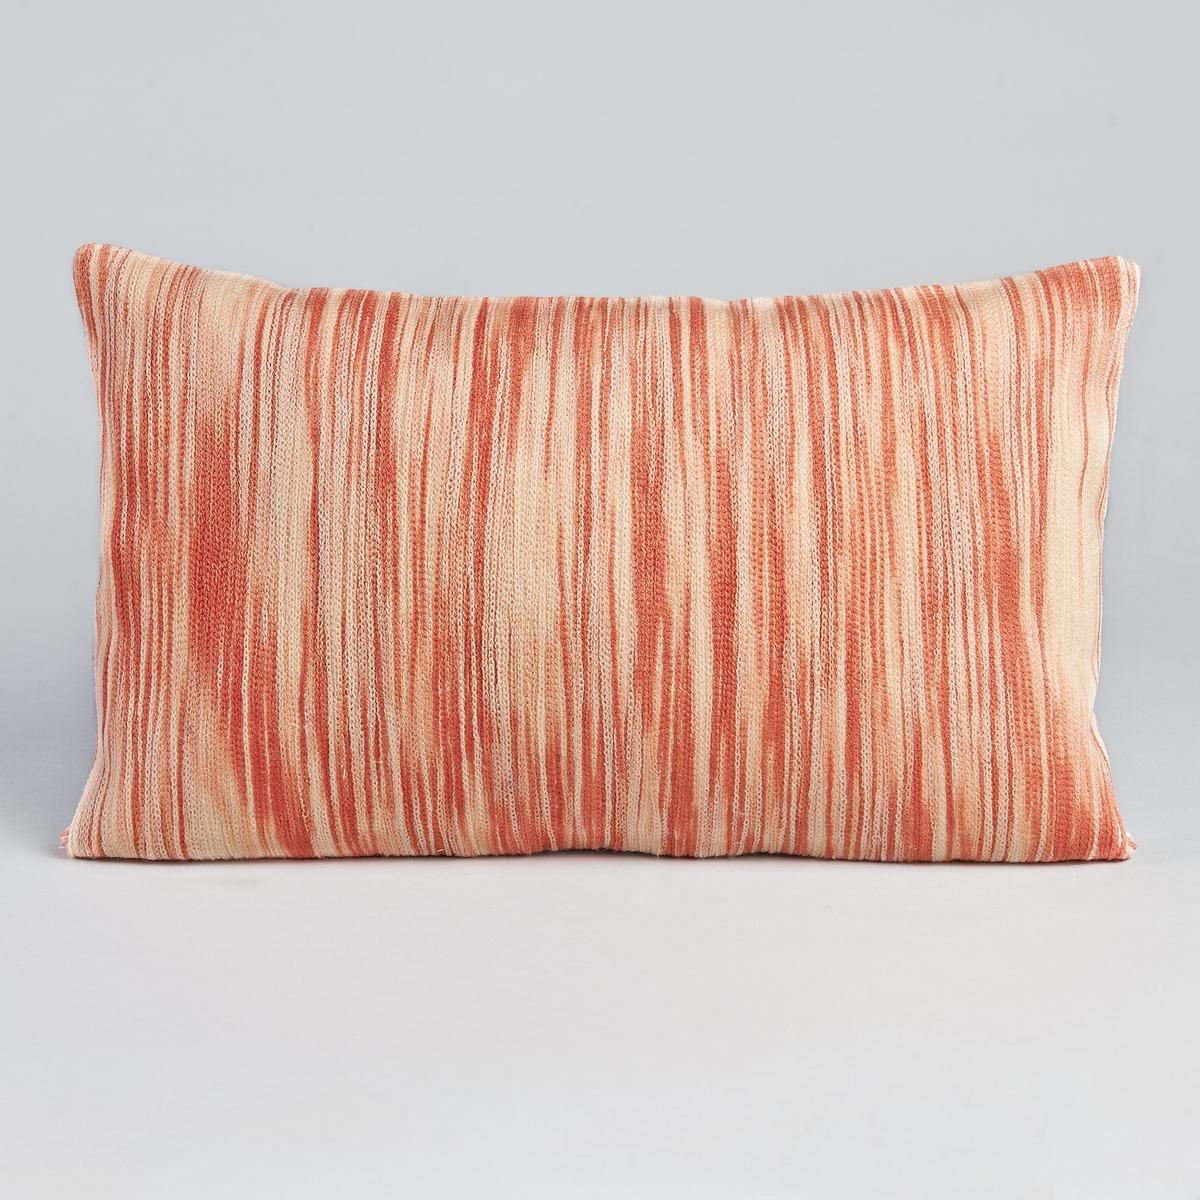 Чехол для подушки EliasВышитый чехол для подушки.Застежка на молнию. Материал :-  100% хлопок, вышивка из акрила. Размер :- 50 x 30 см.<br><br>Цвет: розовый<br>Размер: 50 x 30 см